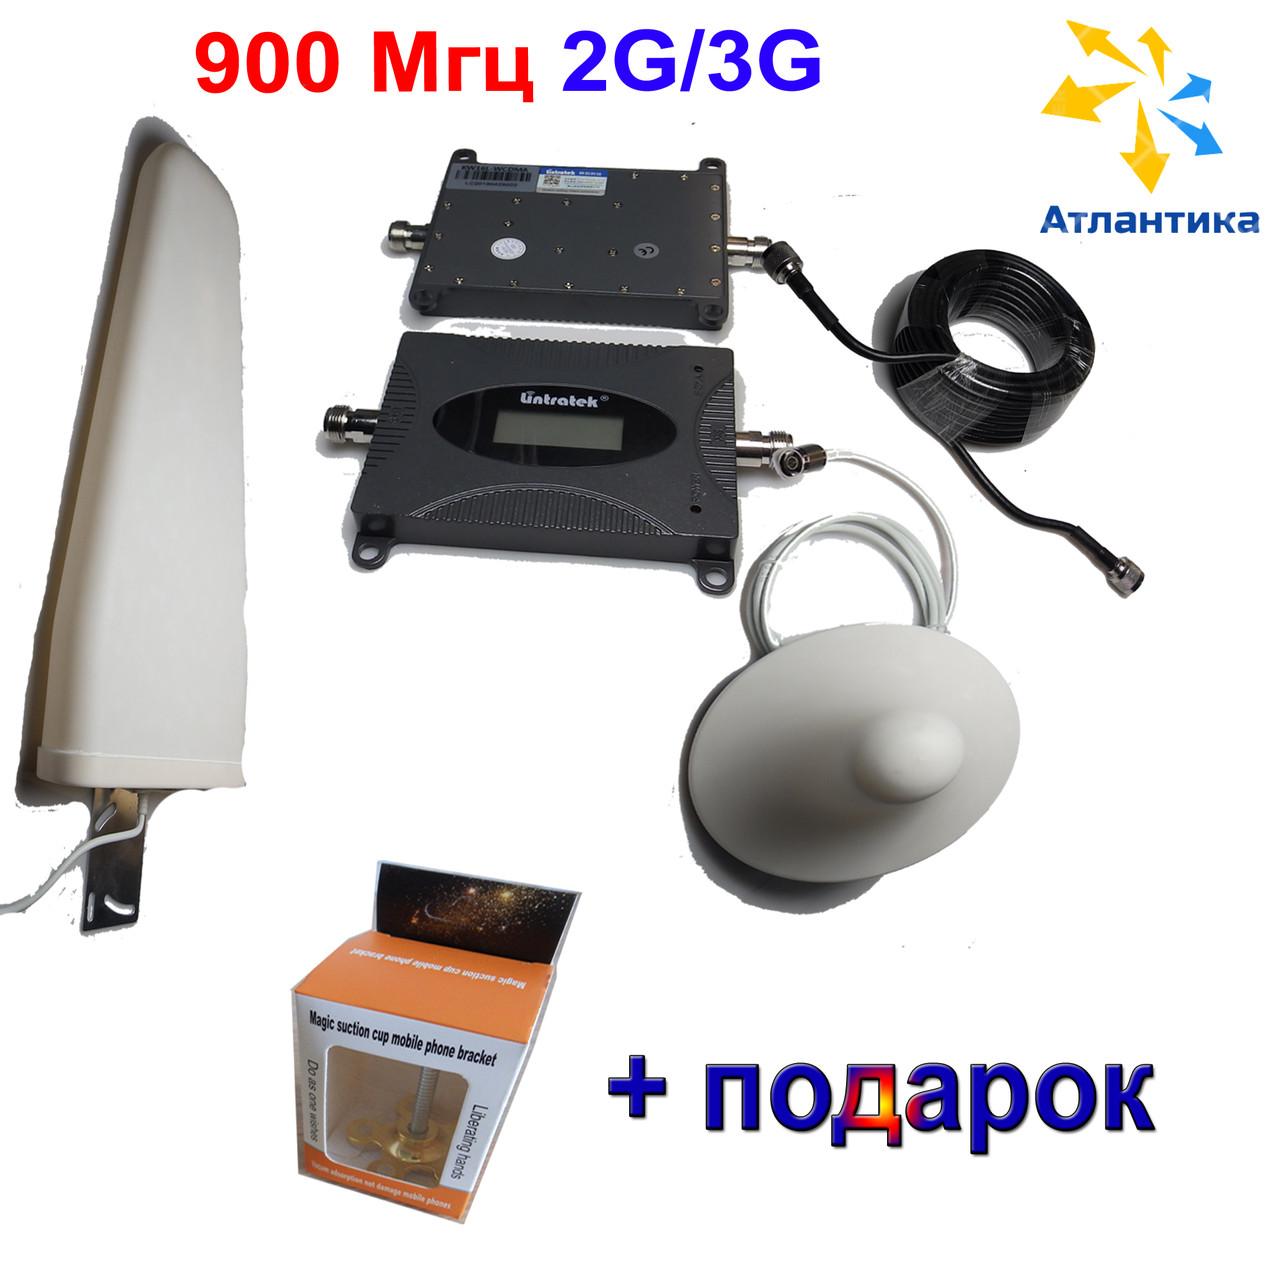 Усилитель сотовой связи, сигнала сети GSM Репитер, ретранслятор мобильной связи